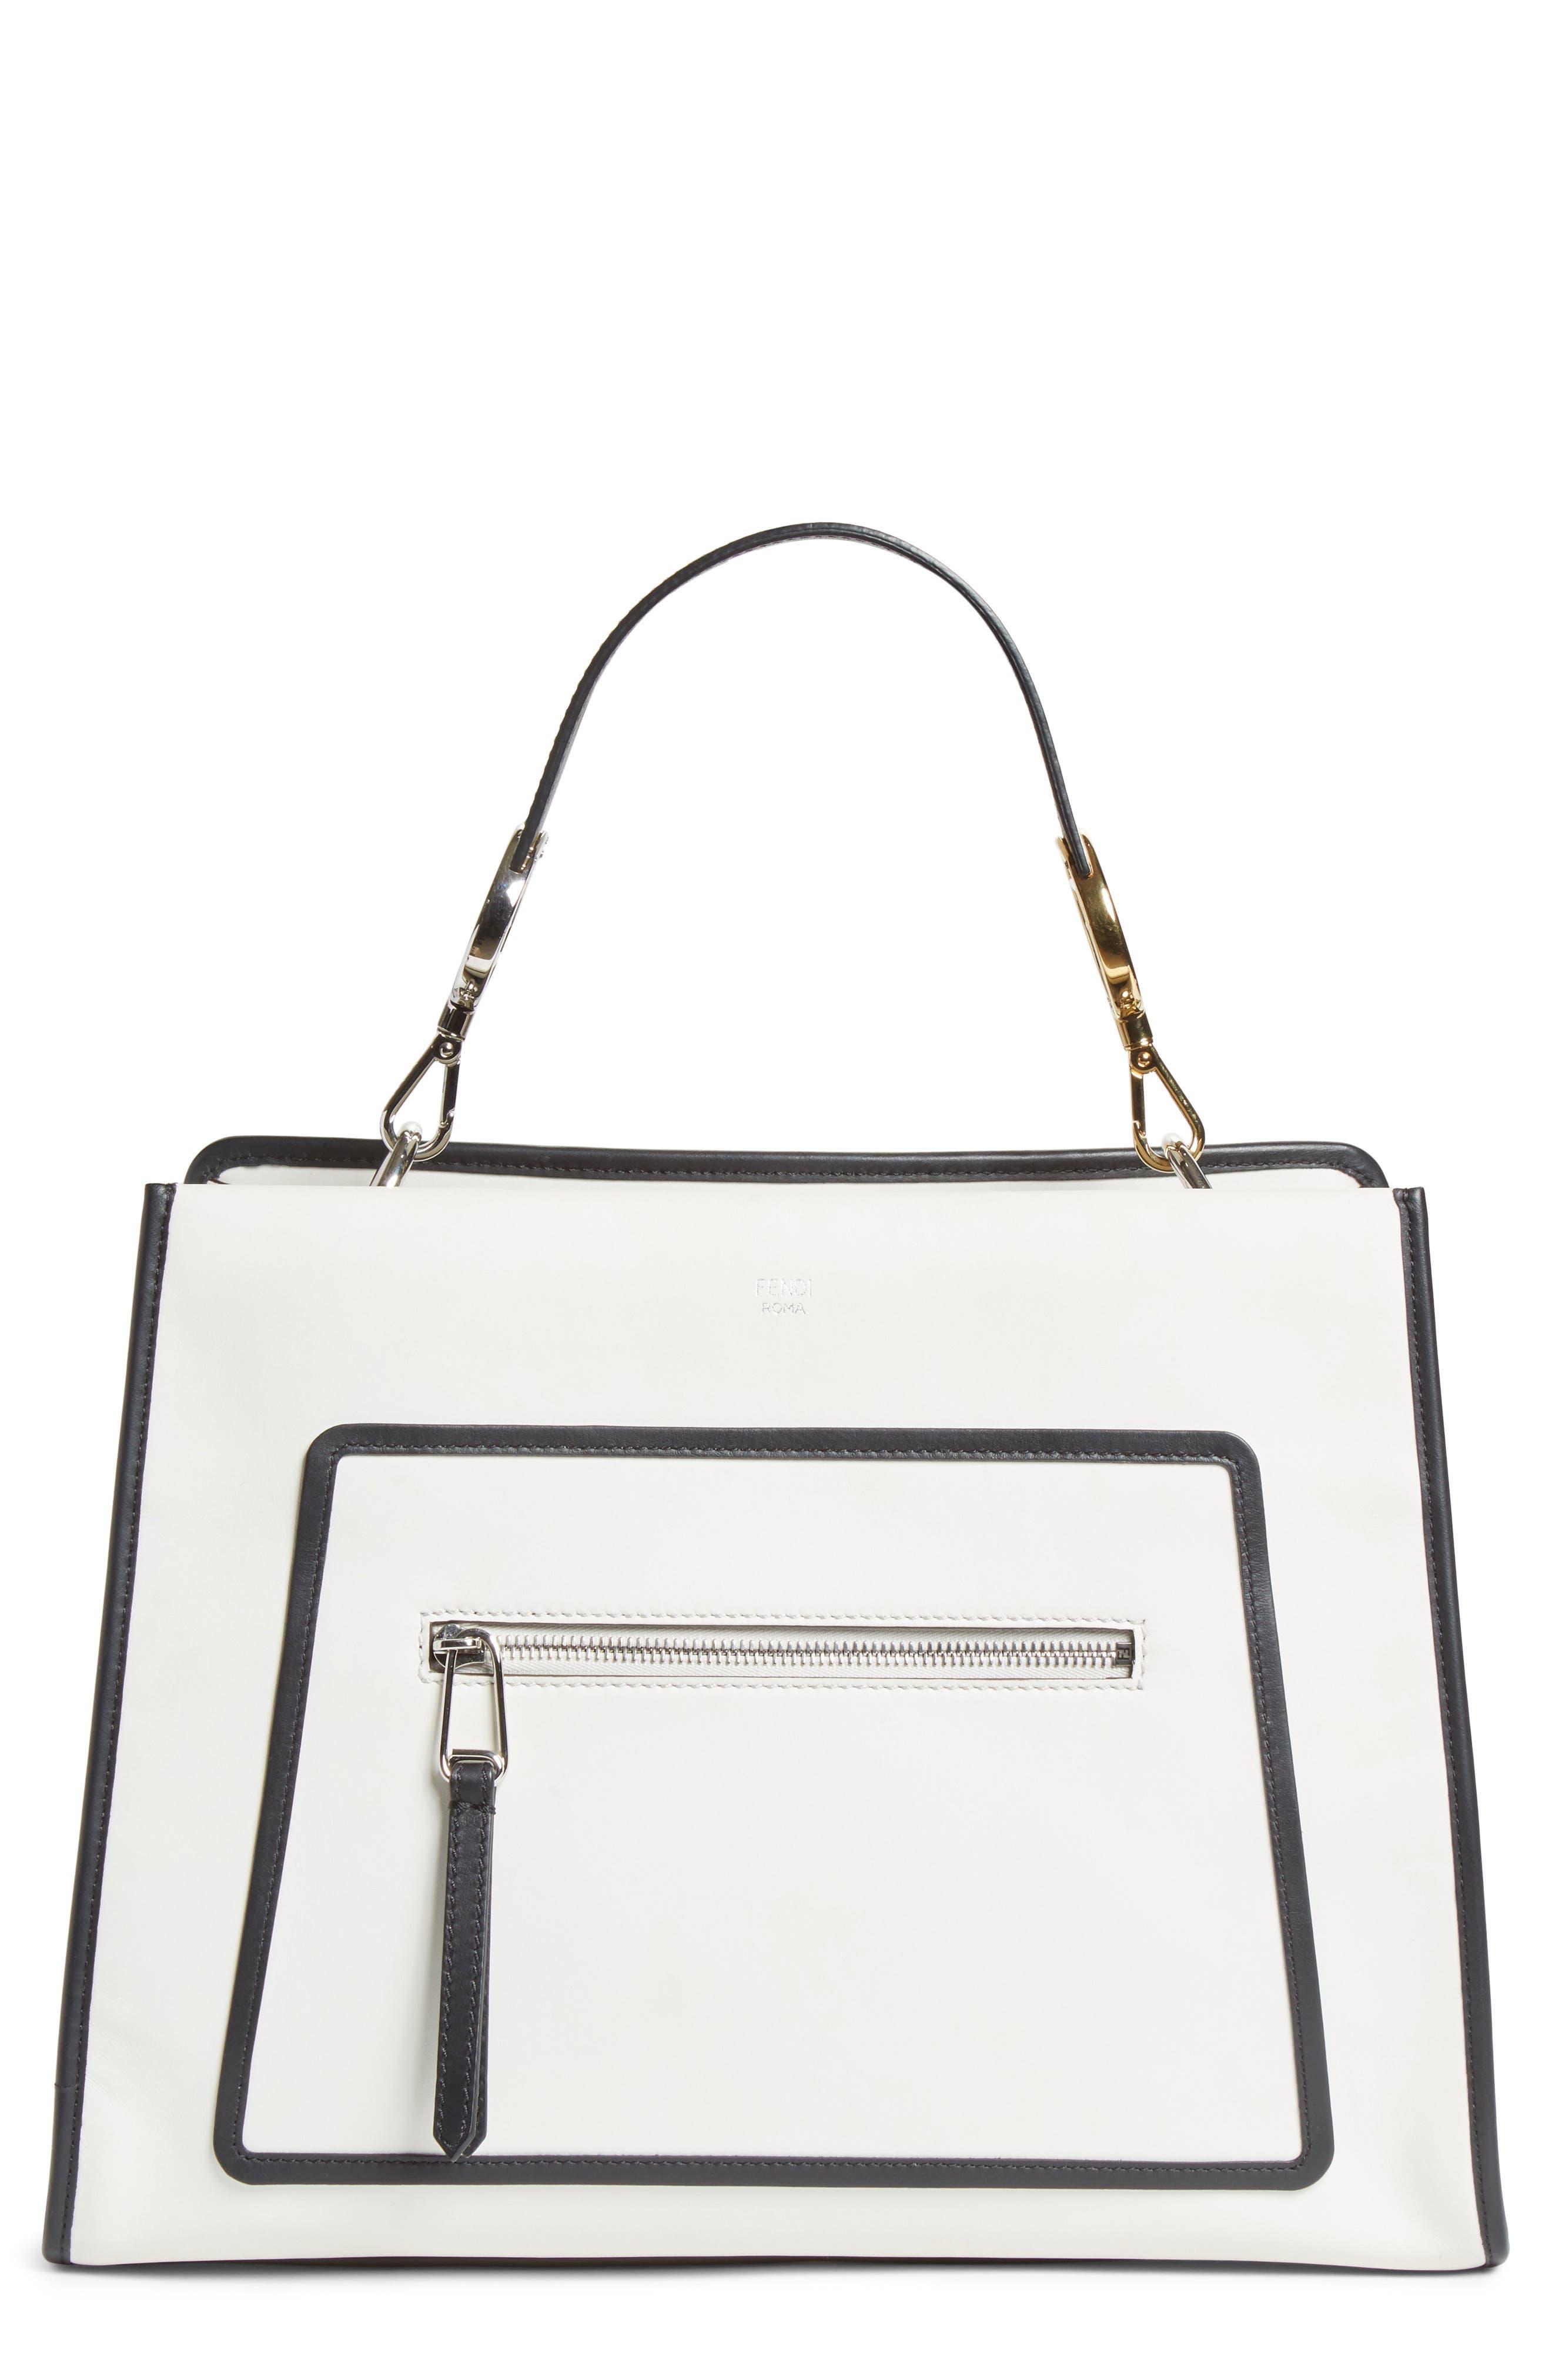 Alternate Image 1 Selected - Fendi Runaway Medium Leather Tote Bag